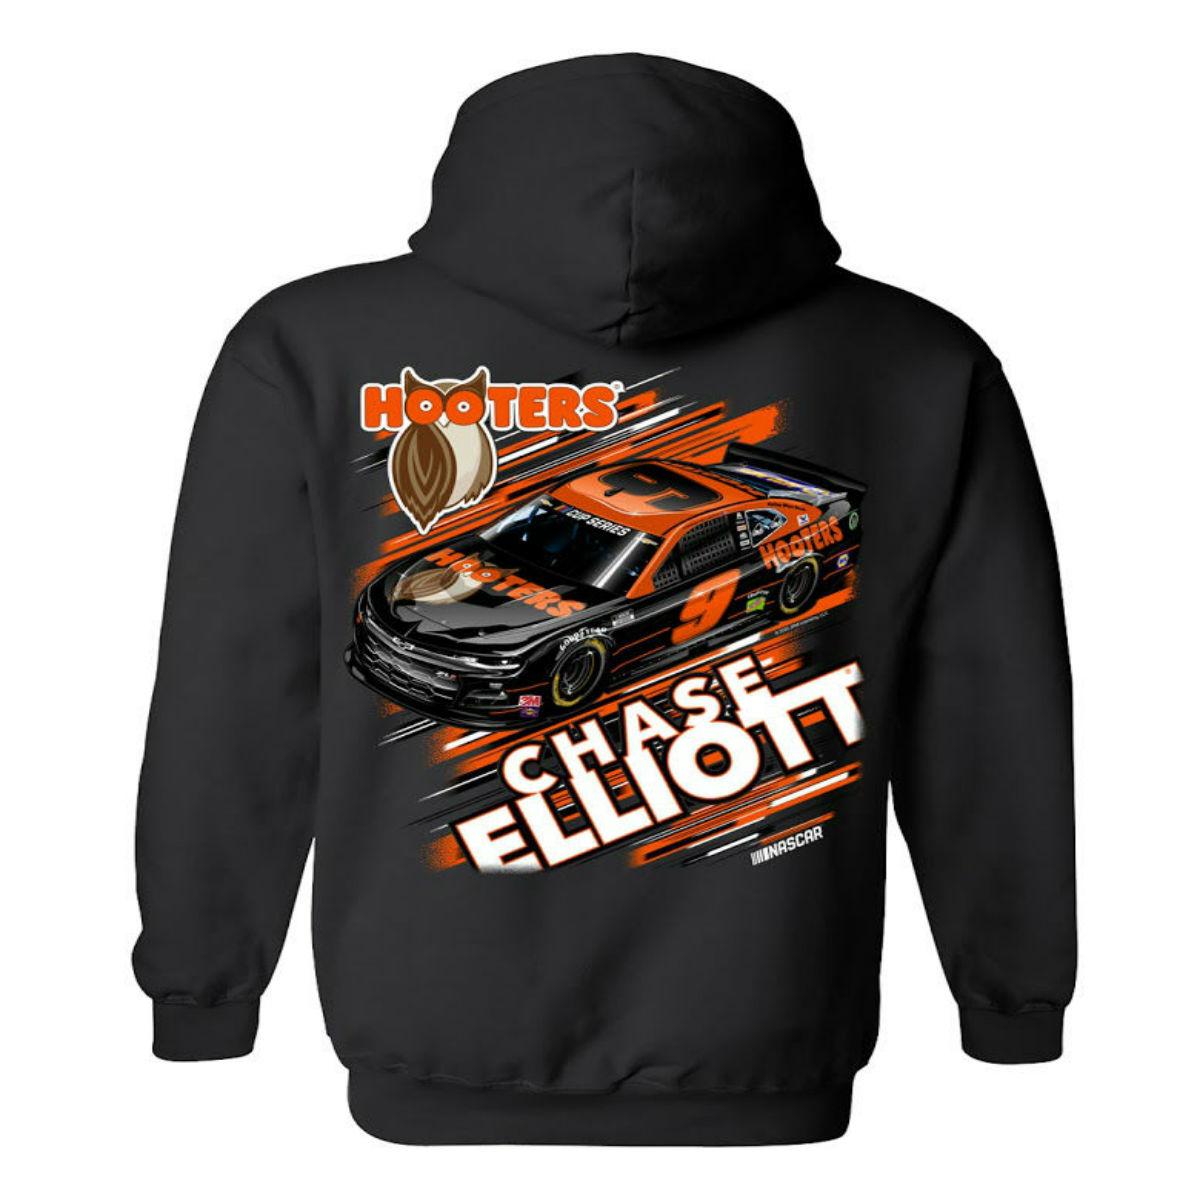 Chase Elliott #9 2020 Hooter's Car Hoodie